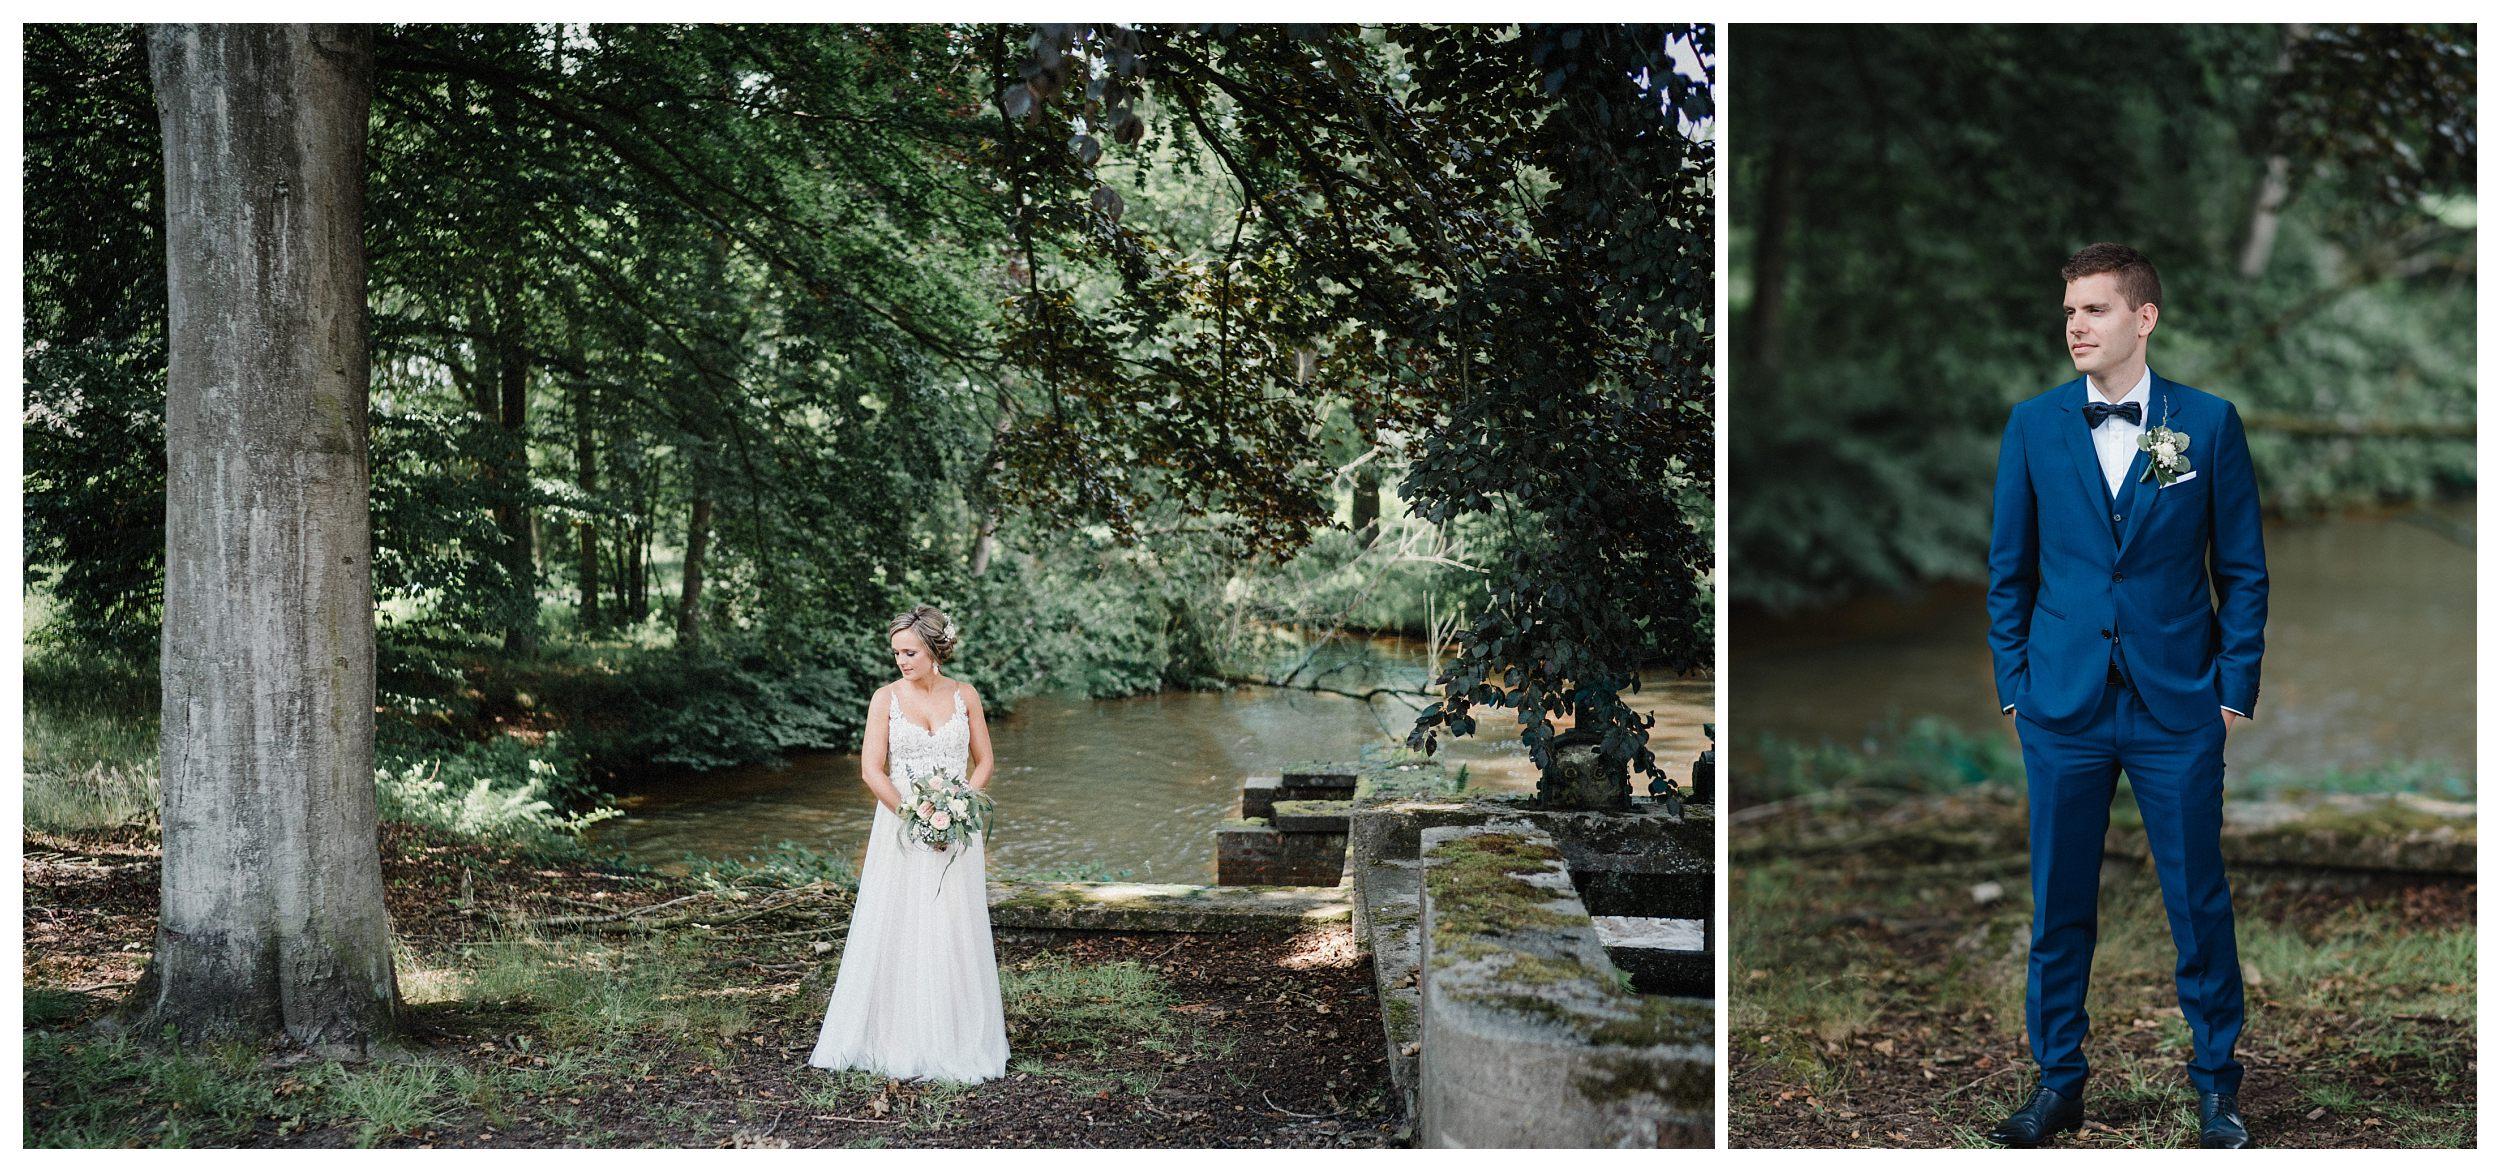 huwelijksfotograaf bruidsfotograaf destinationwedding huwelijksfotografie in mol oostham (41).jpg